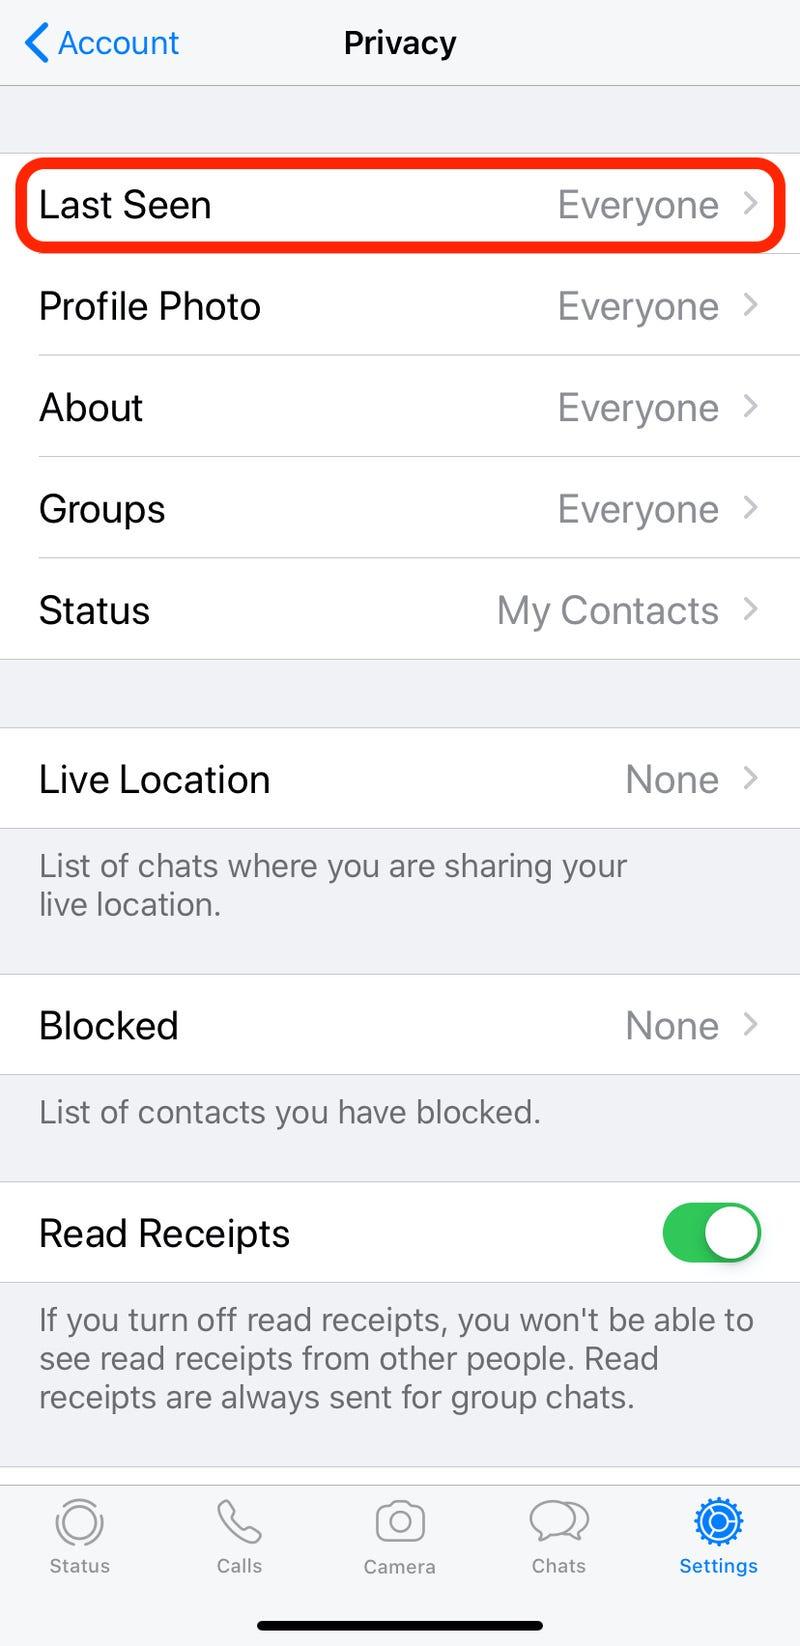 Los nuevos controles de privacidad para WhatsApp le permitirán ocultar su estado de 'Última vez visto'